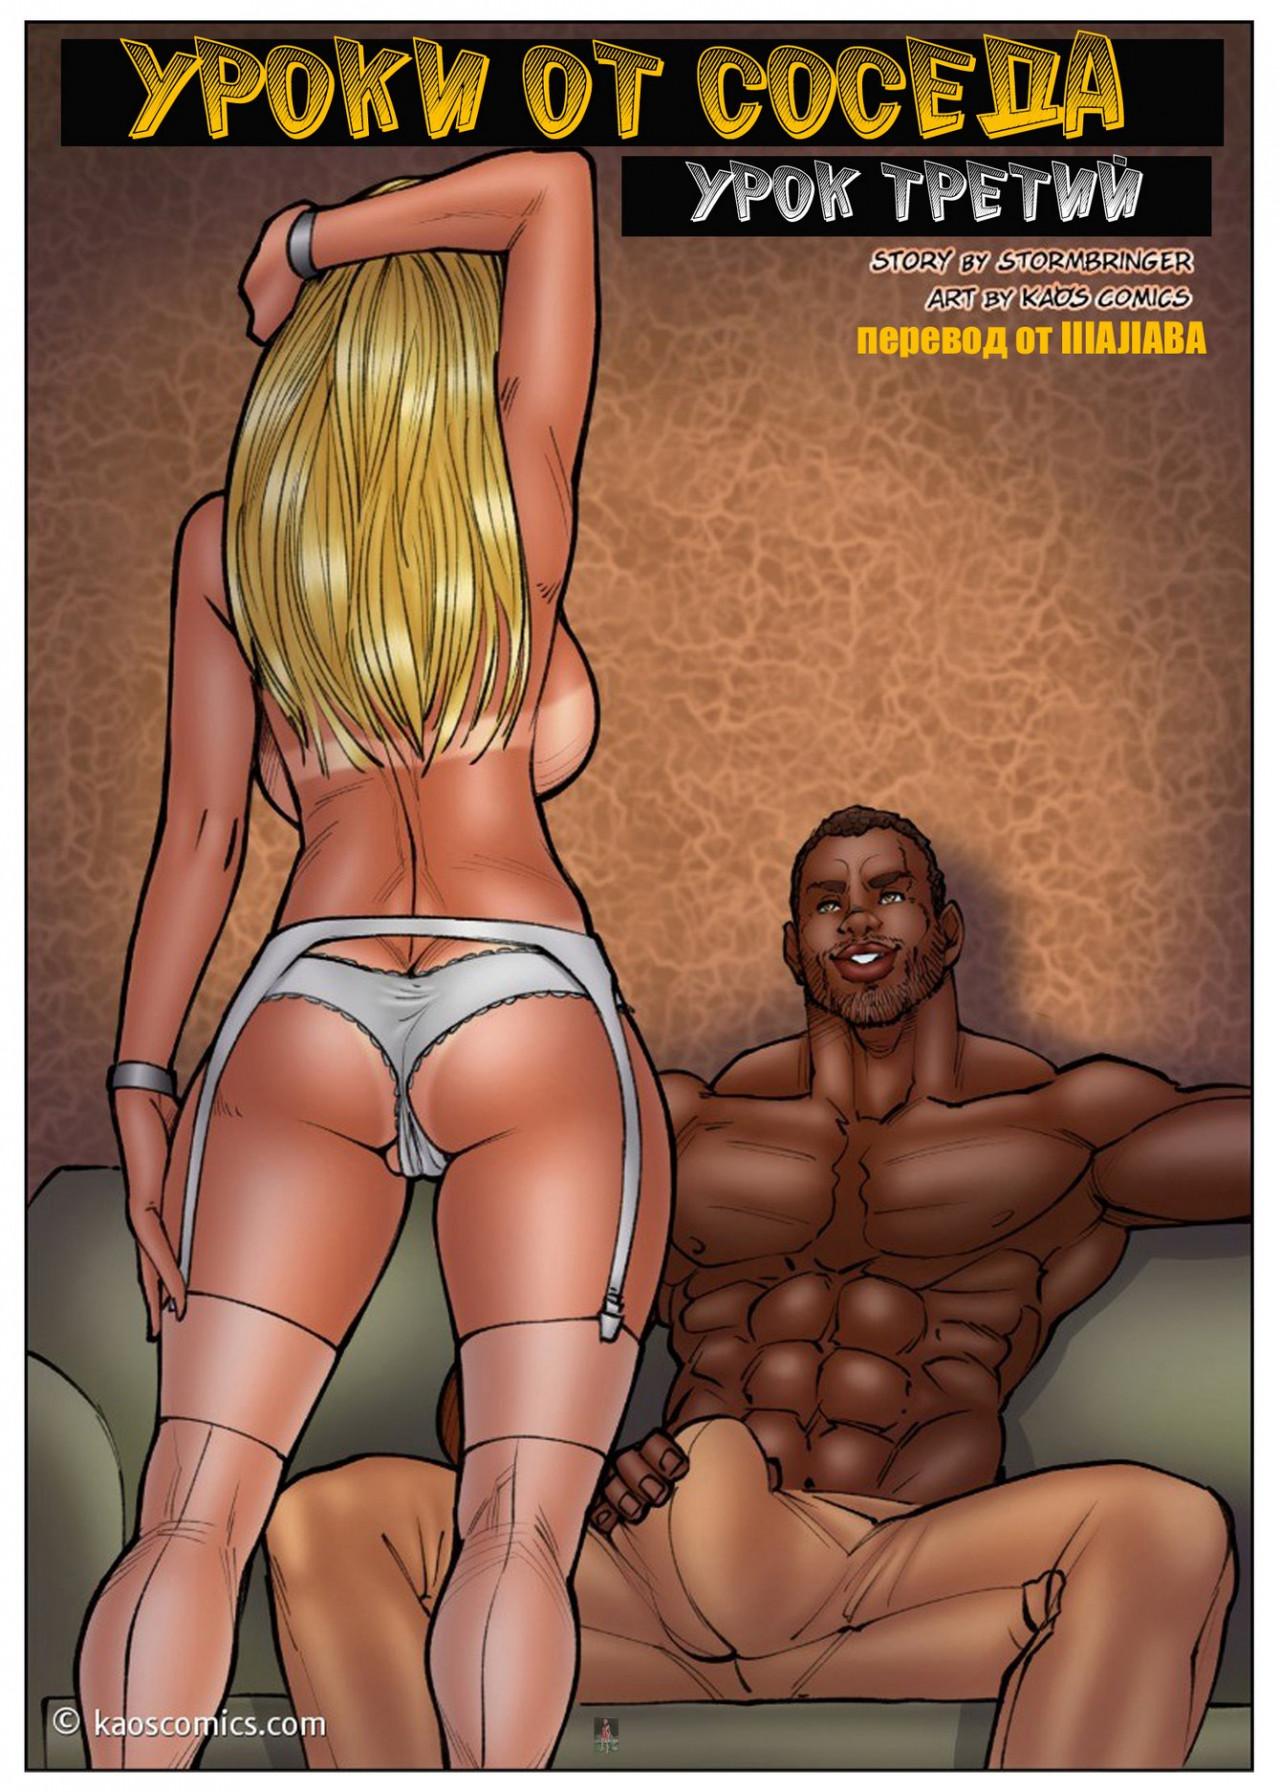 Порно комиксы - Уроки от соседа, часть 3 Большие члены, Анал, Минет, Порно комиксы